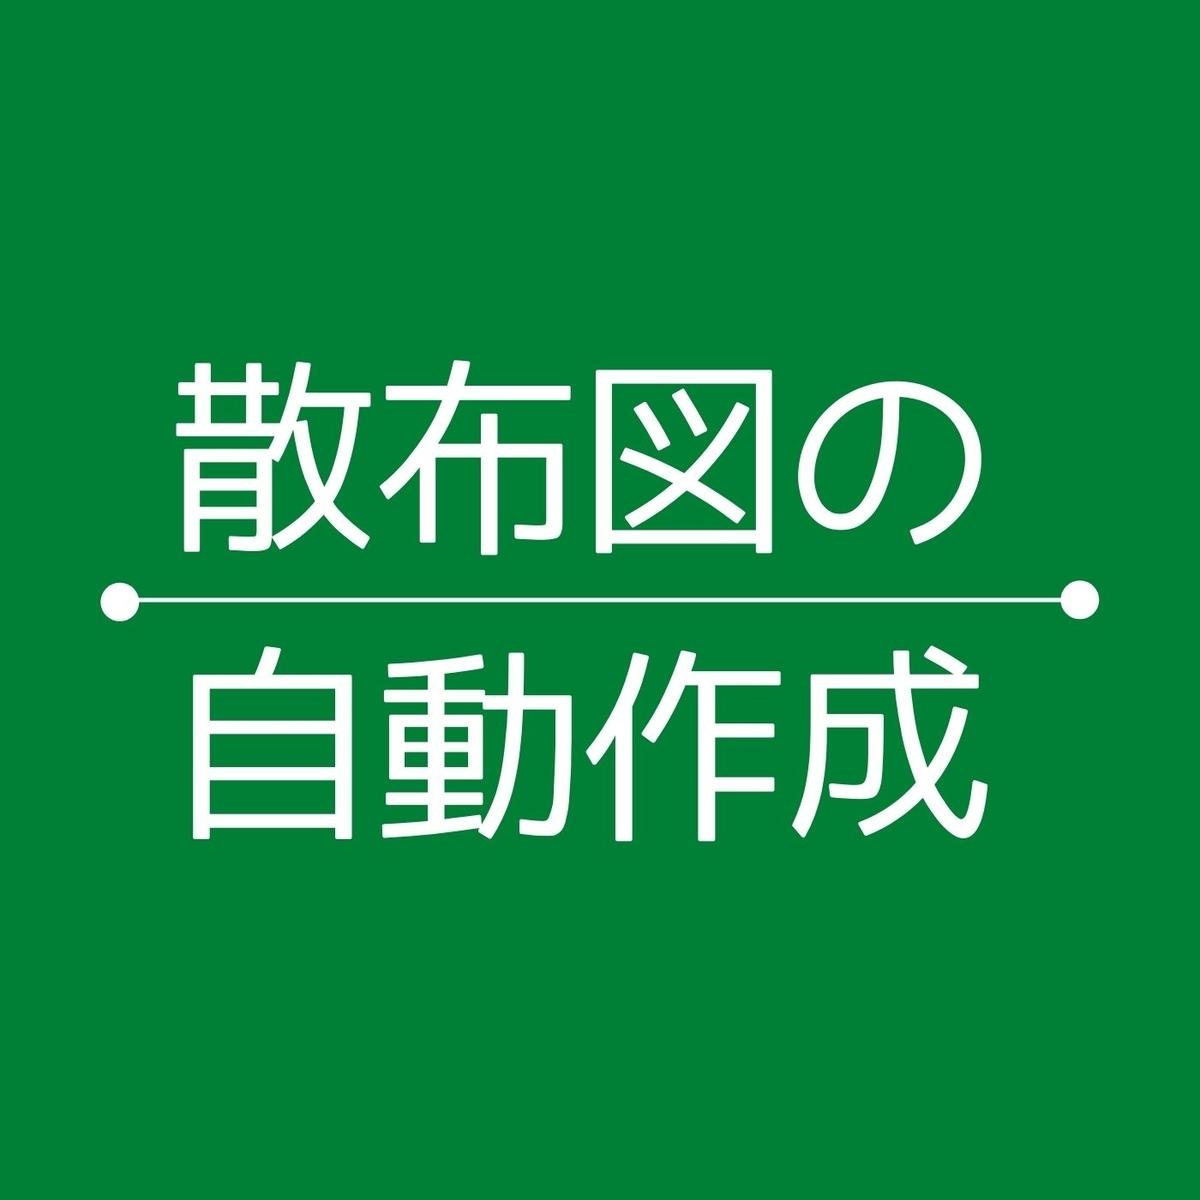 f:id:masa_mn:20211013133116j:plain